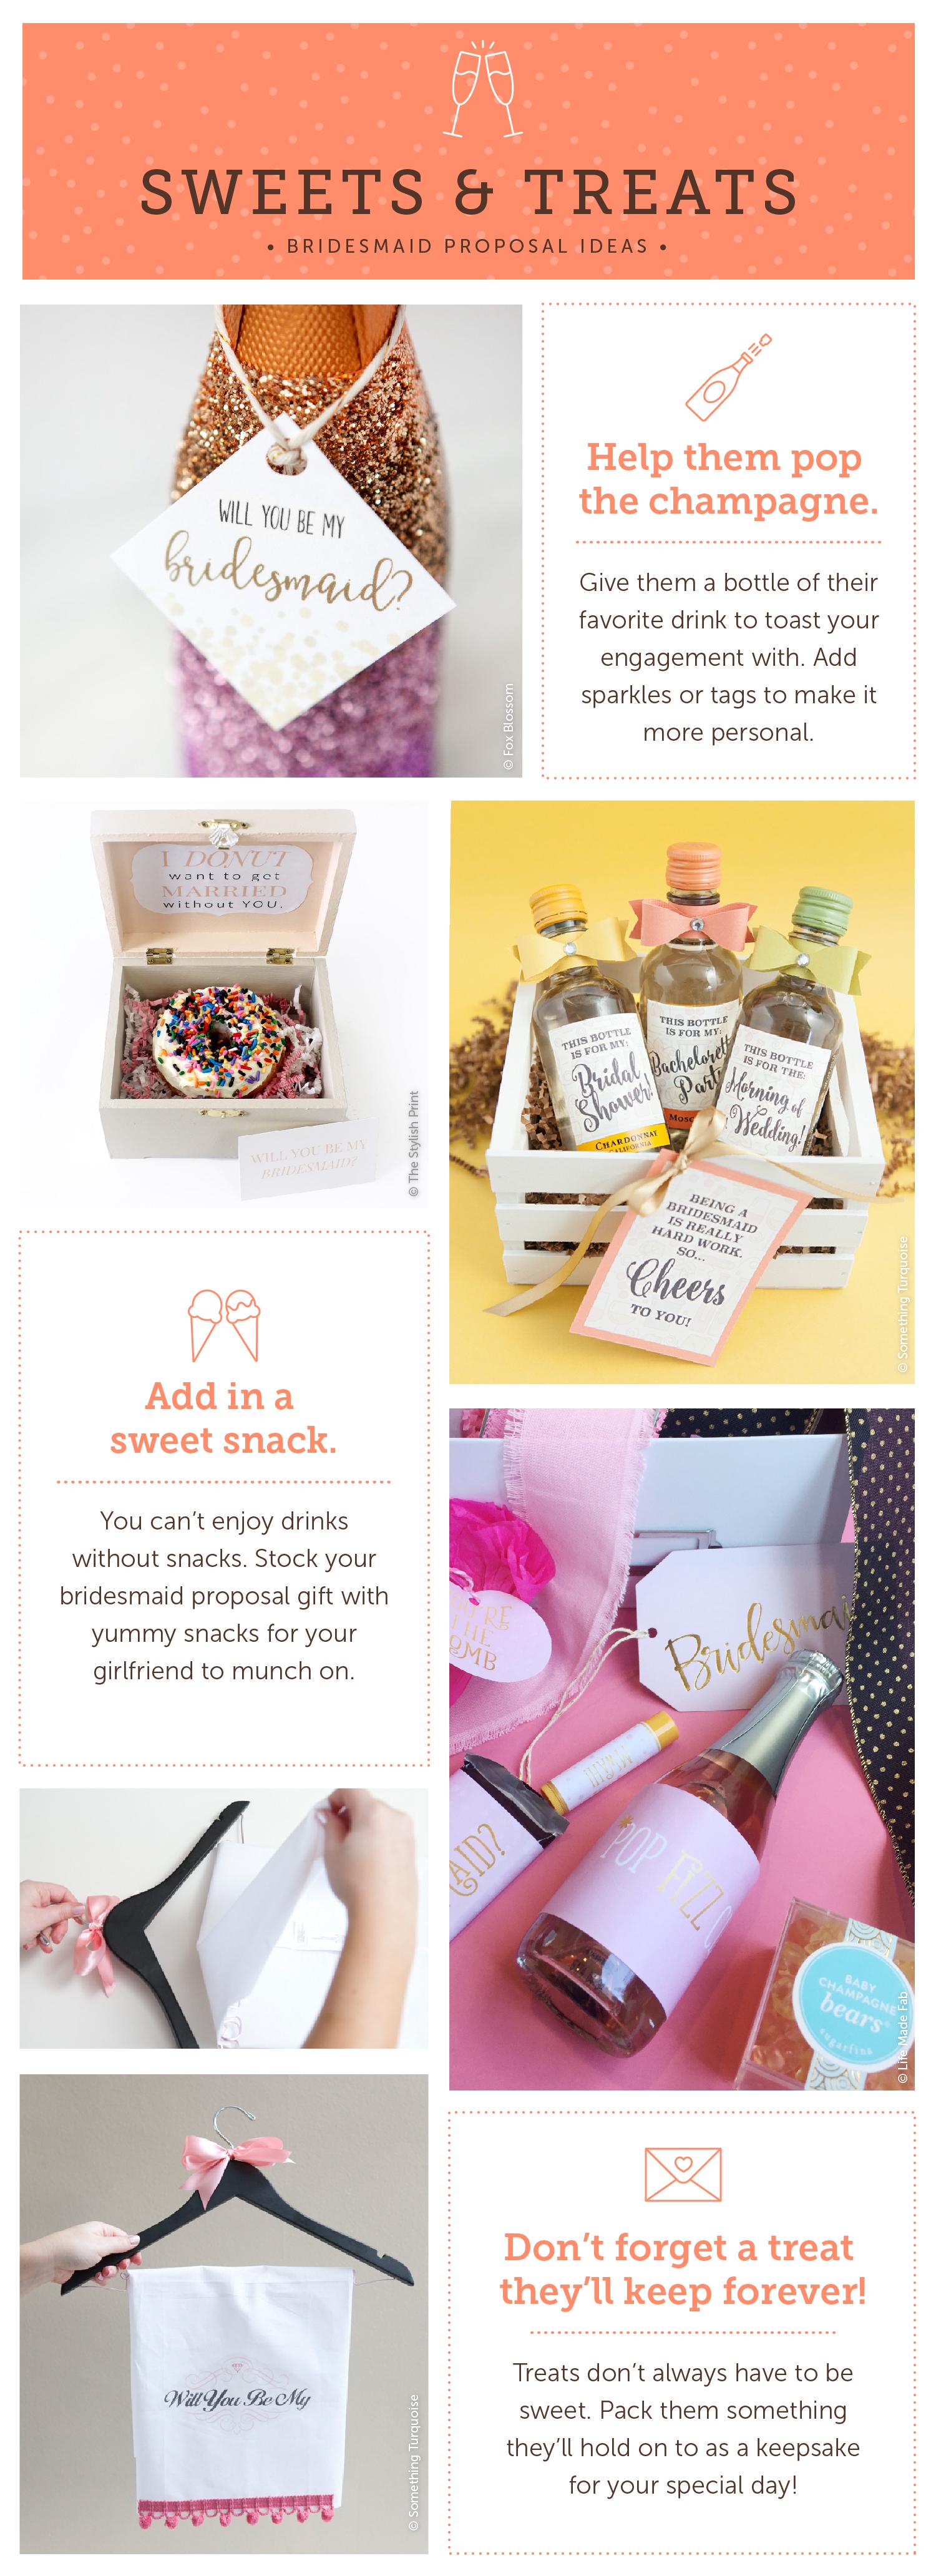 sweets-and-treats-bridesmaid-proposal-ideas.jpg